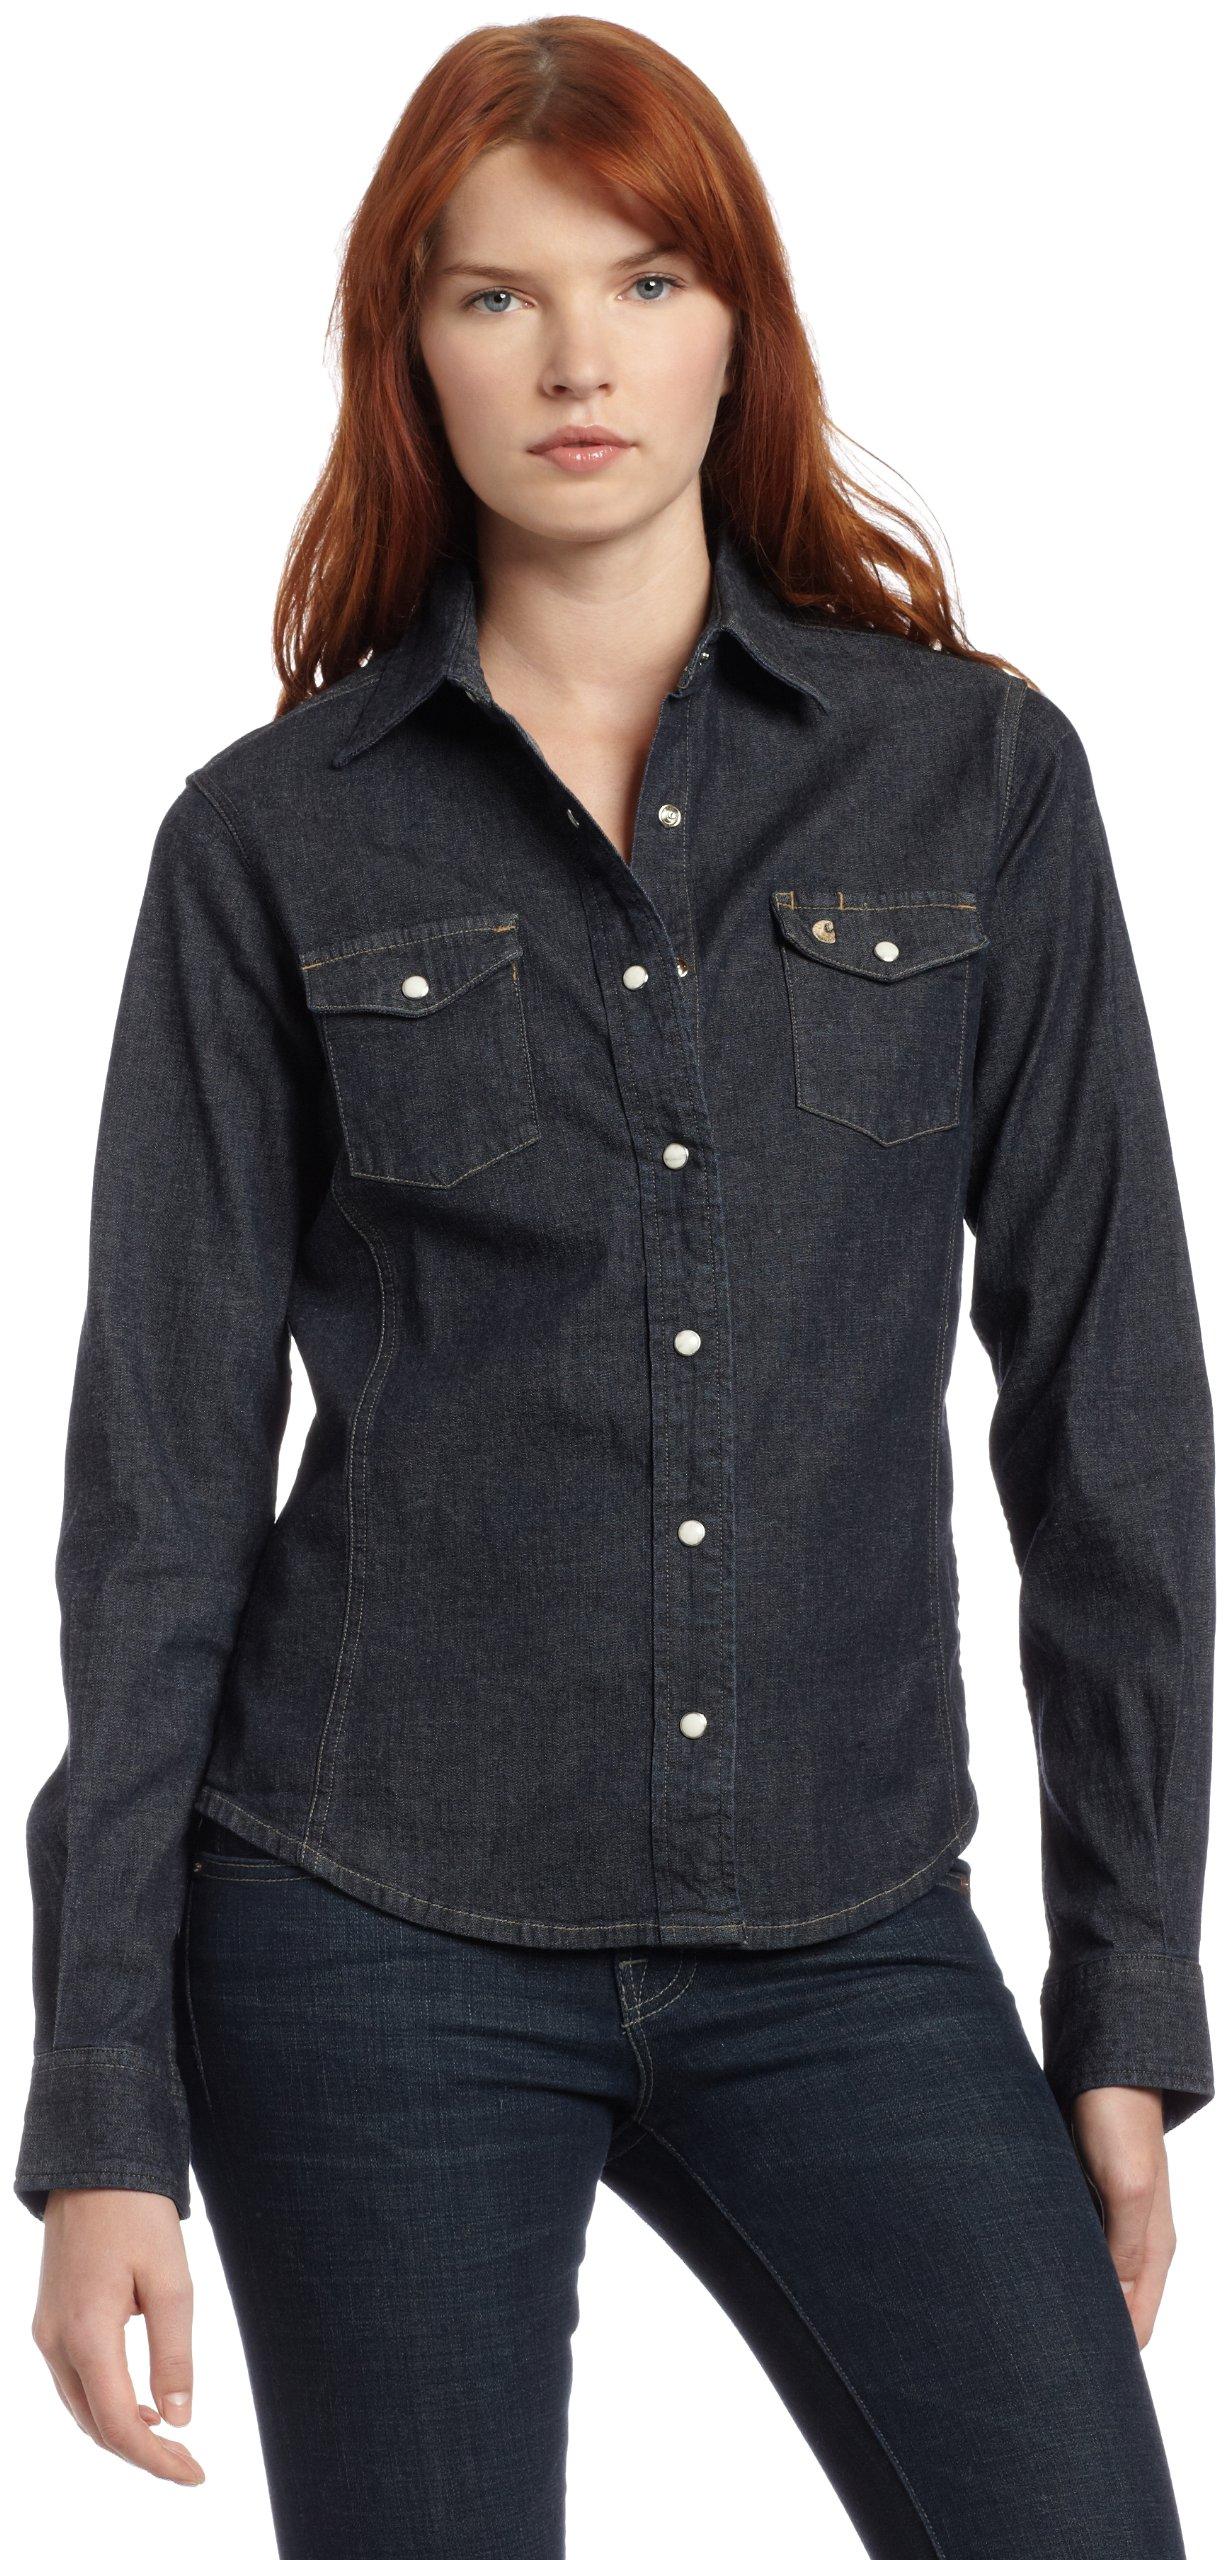 Carhartt Women's Denim Snap Front Shirt,Midnight Indigo (Closeout),0